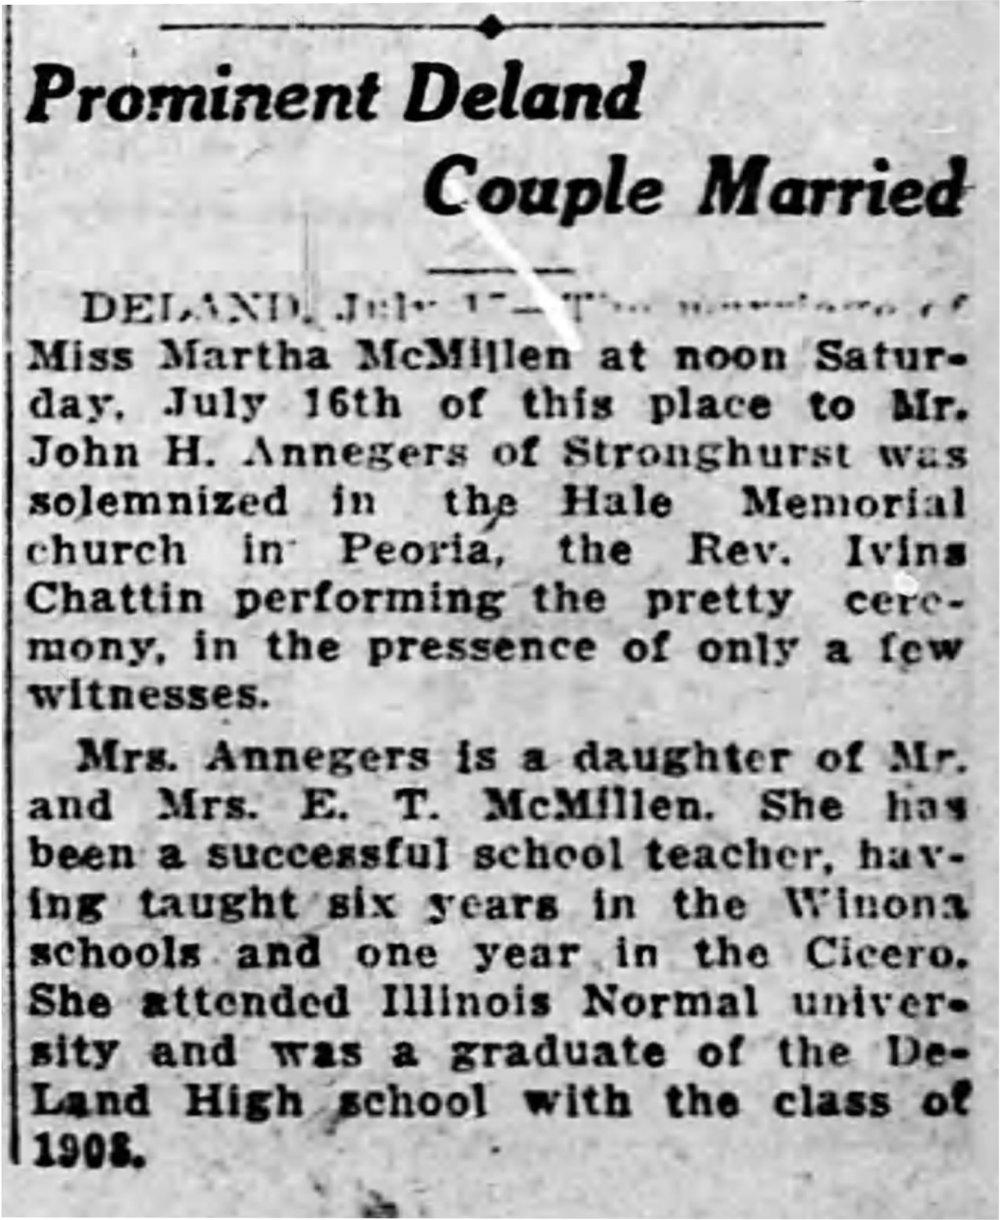 The Decatur Herald (Decatur, Illinois) Jul 18, 1921